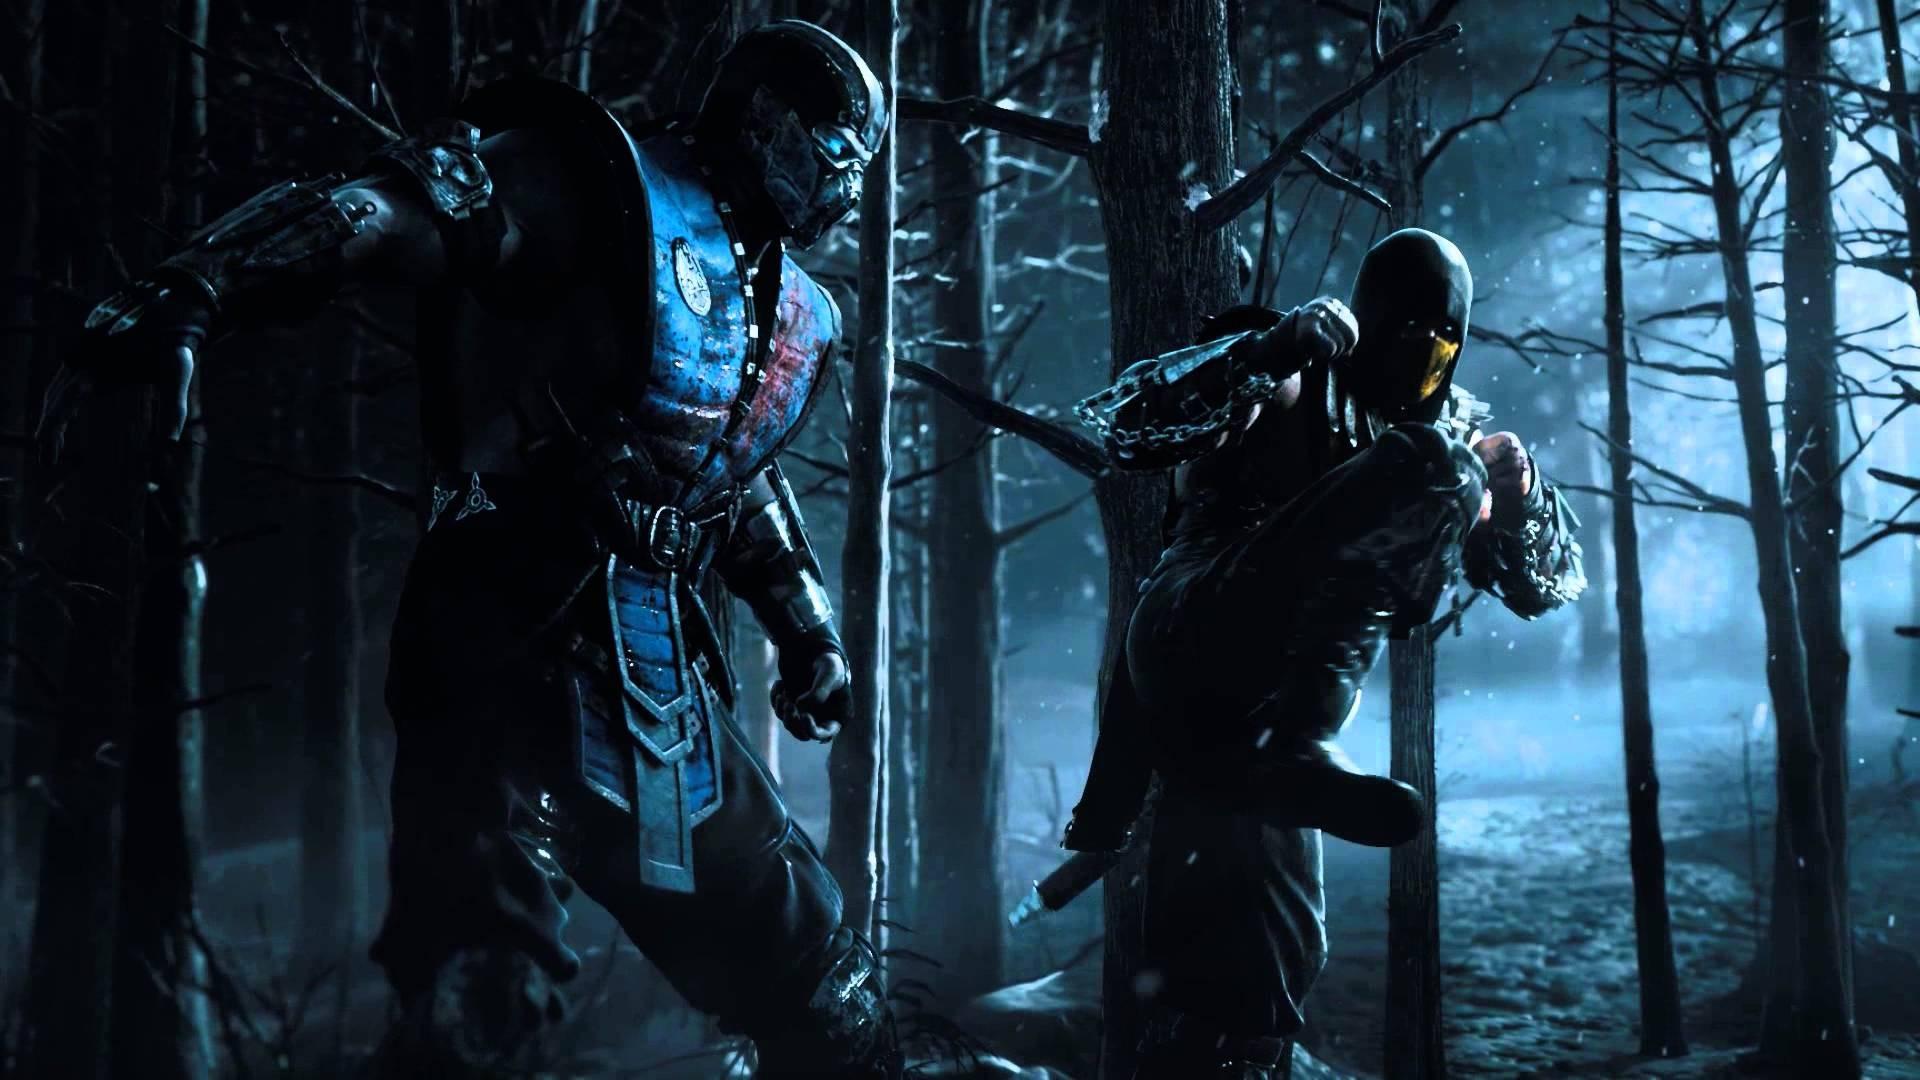 Mortal-Kombat-X-E3